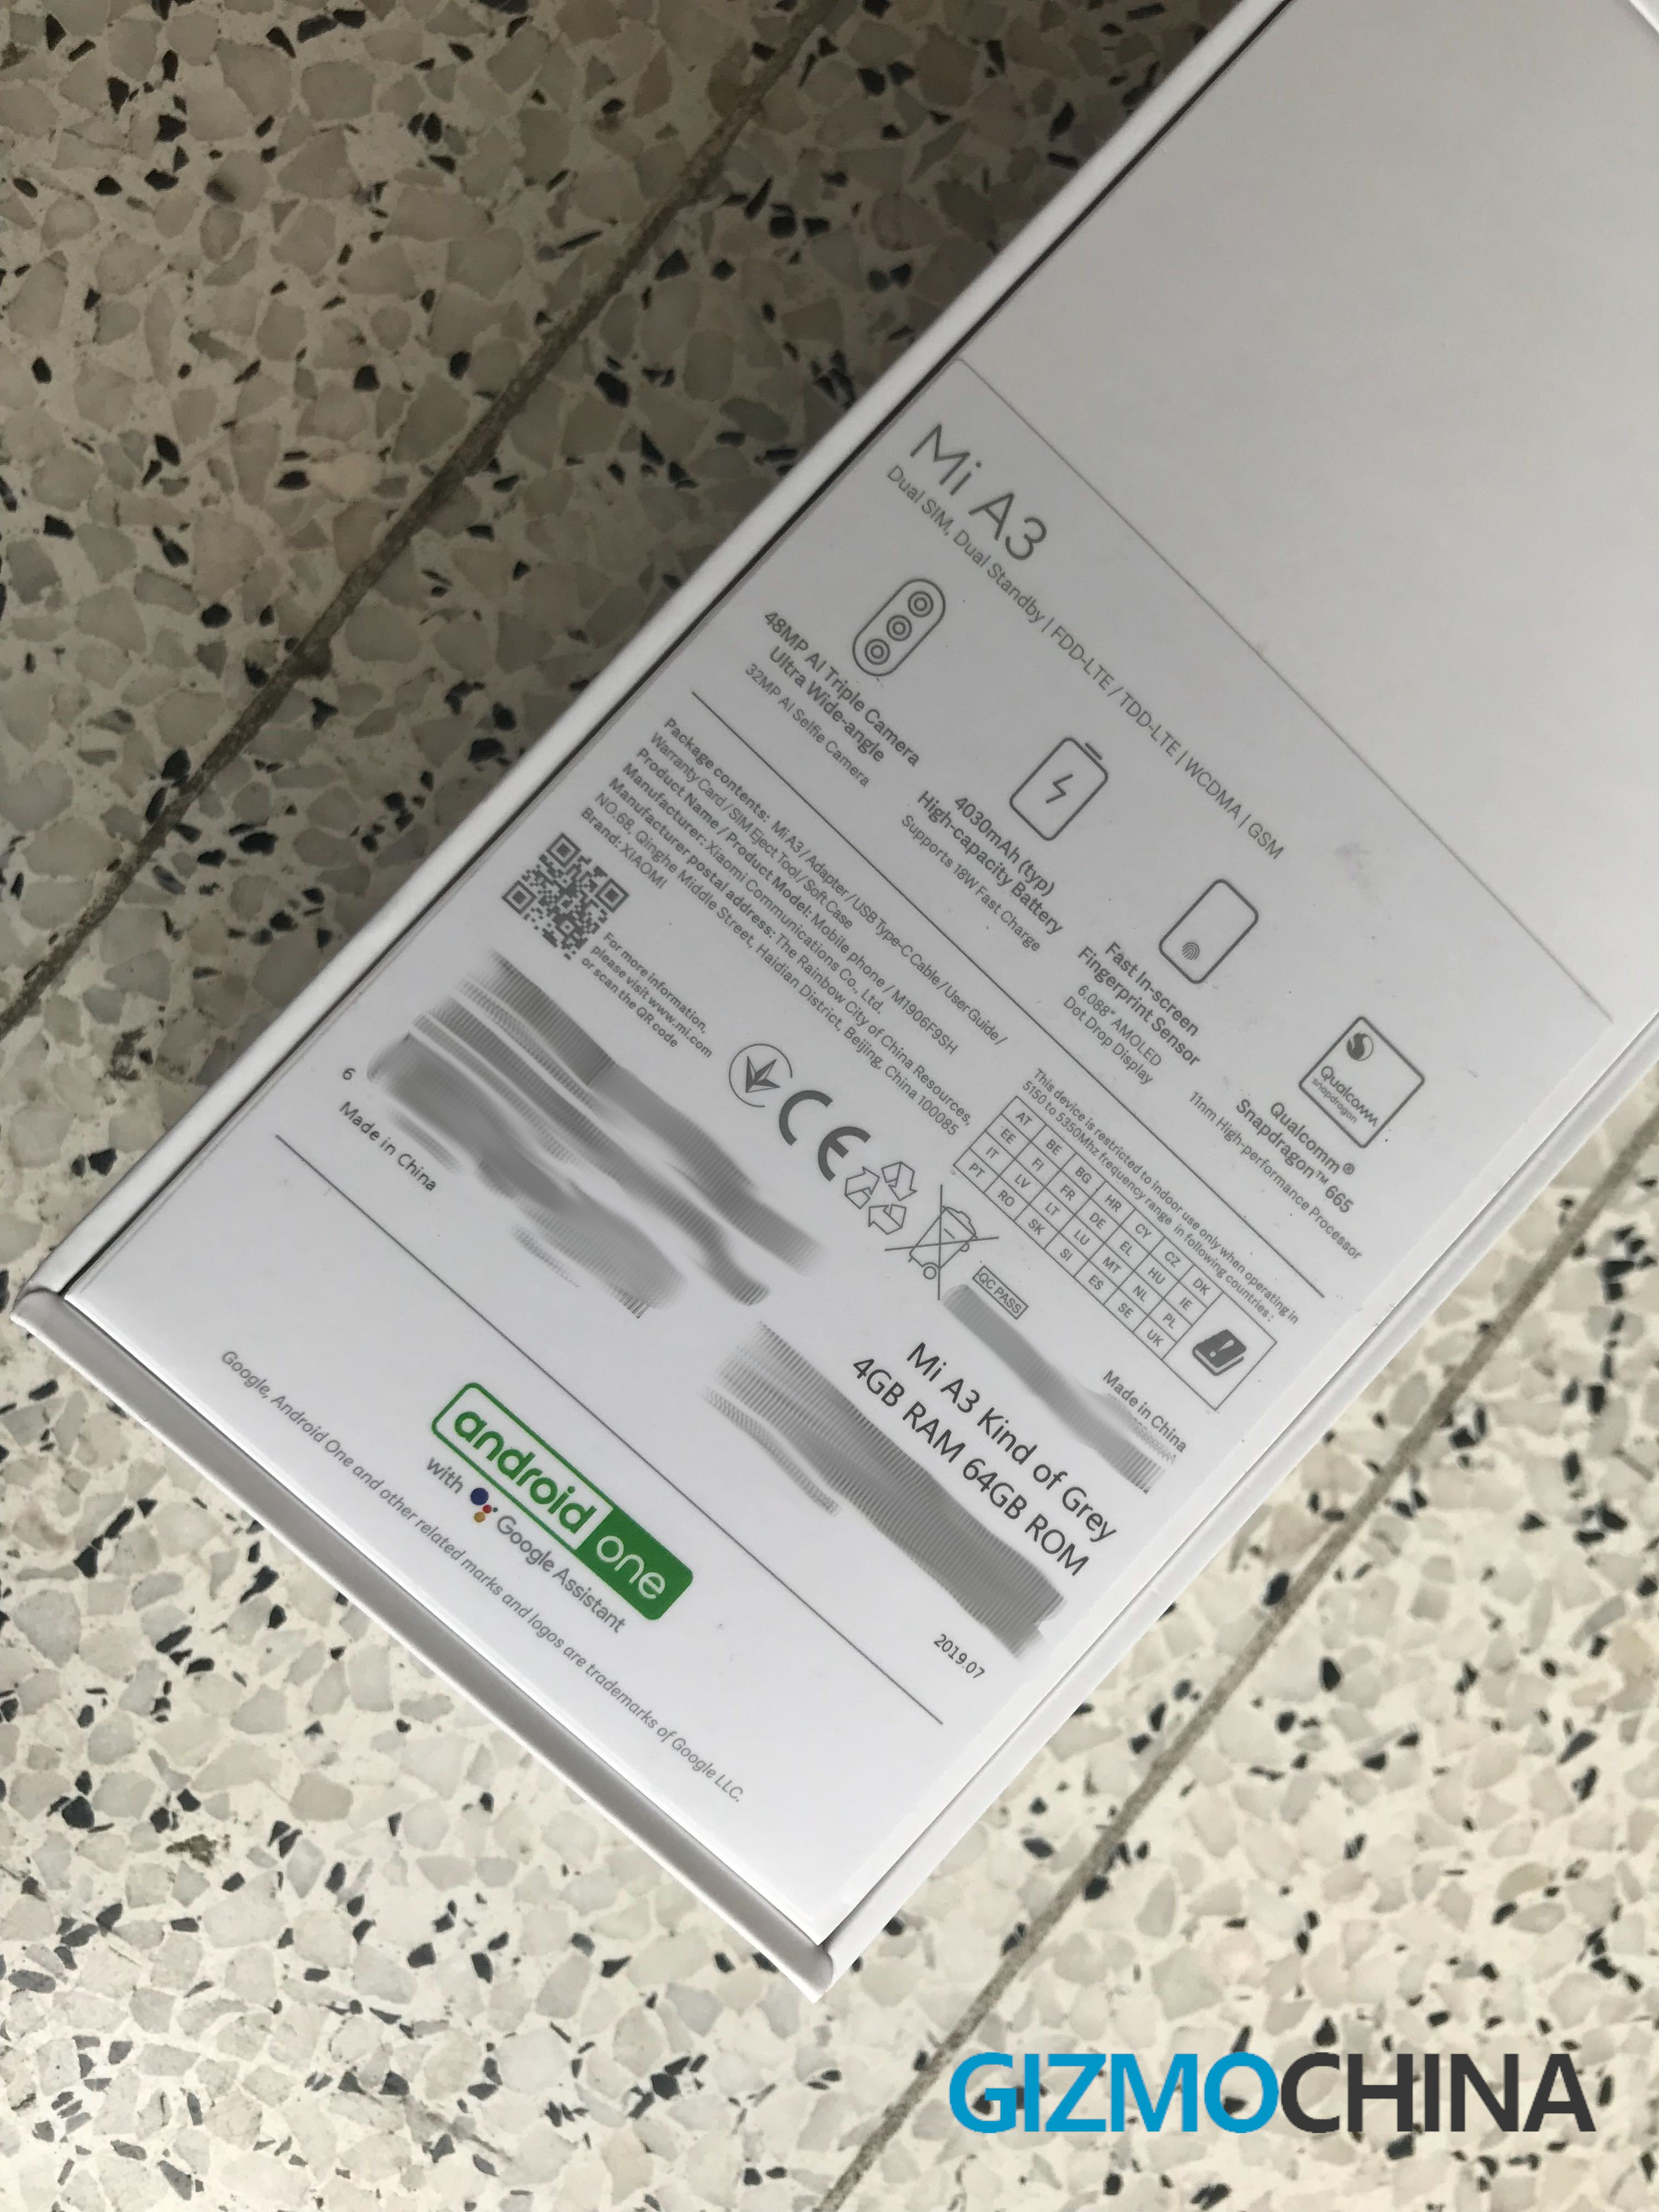 Premiera Xiaomi Mi A3 cena opinie specyfikacja techniczna gdzie kupić najtaniej w Polsce plotki przecieki